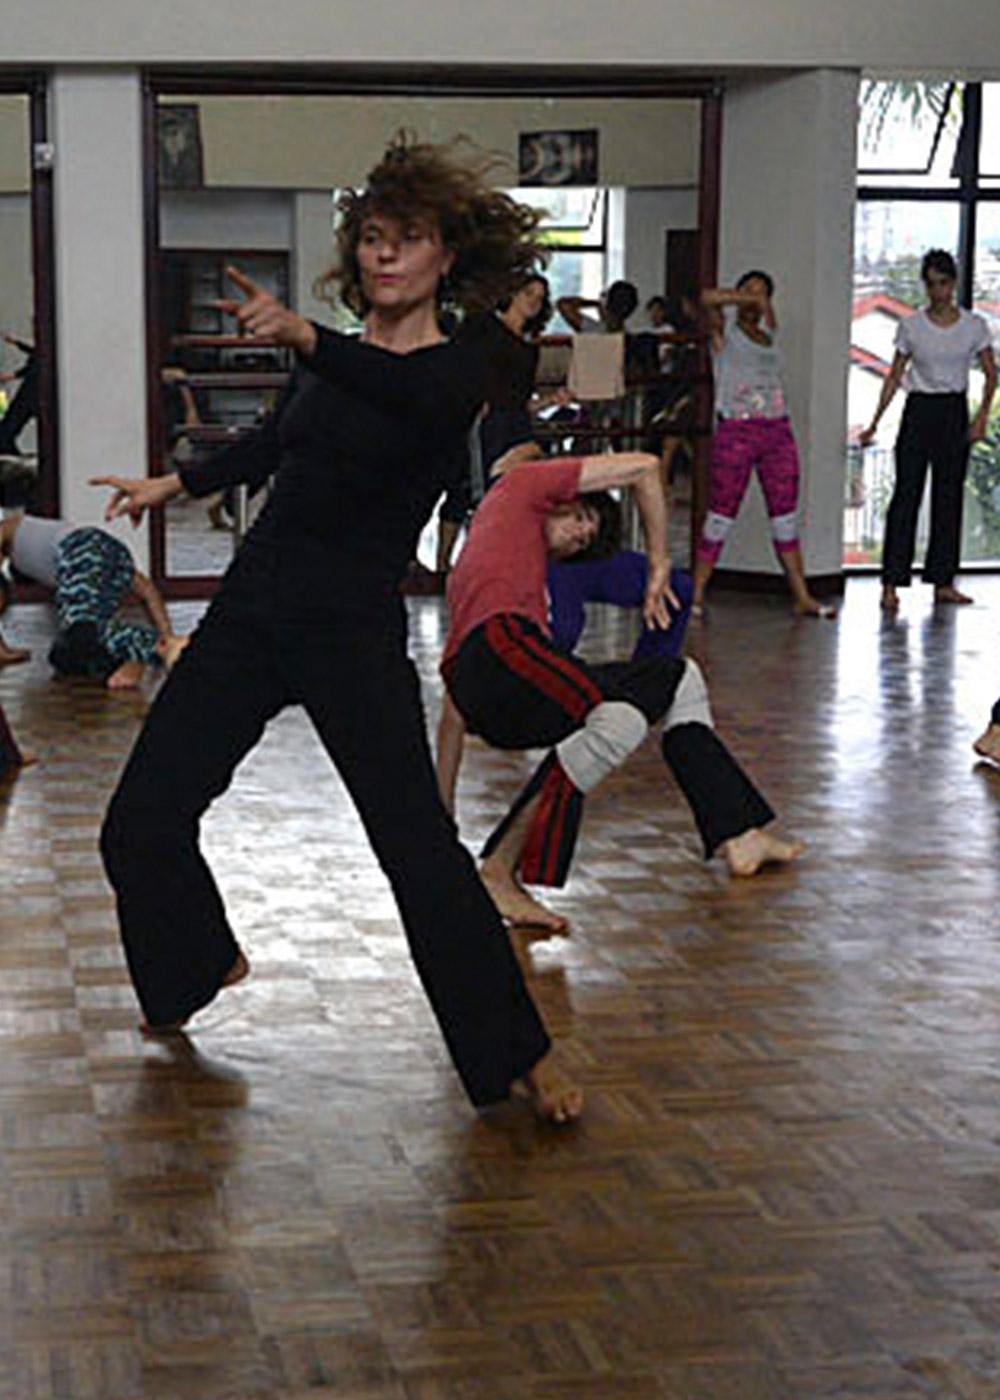 Somos danza - ENSIMISMADOS es una plataforma Internacional, desde Costa Rica; para la formación, creación, investigación, producción y difusión del arte de la danza y las artes escénicas. Es un espacio de confluencia y encuentro nacional e internacional de artistas, intelectuales y técnicos de la escena.seguir leyendo